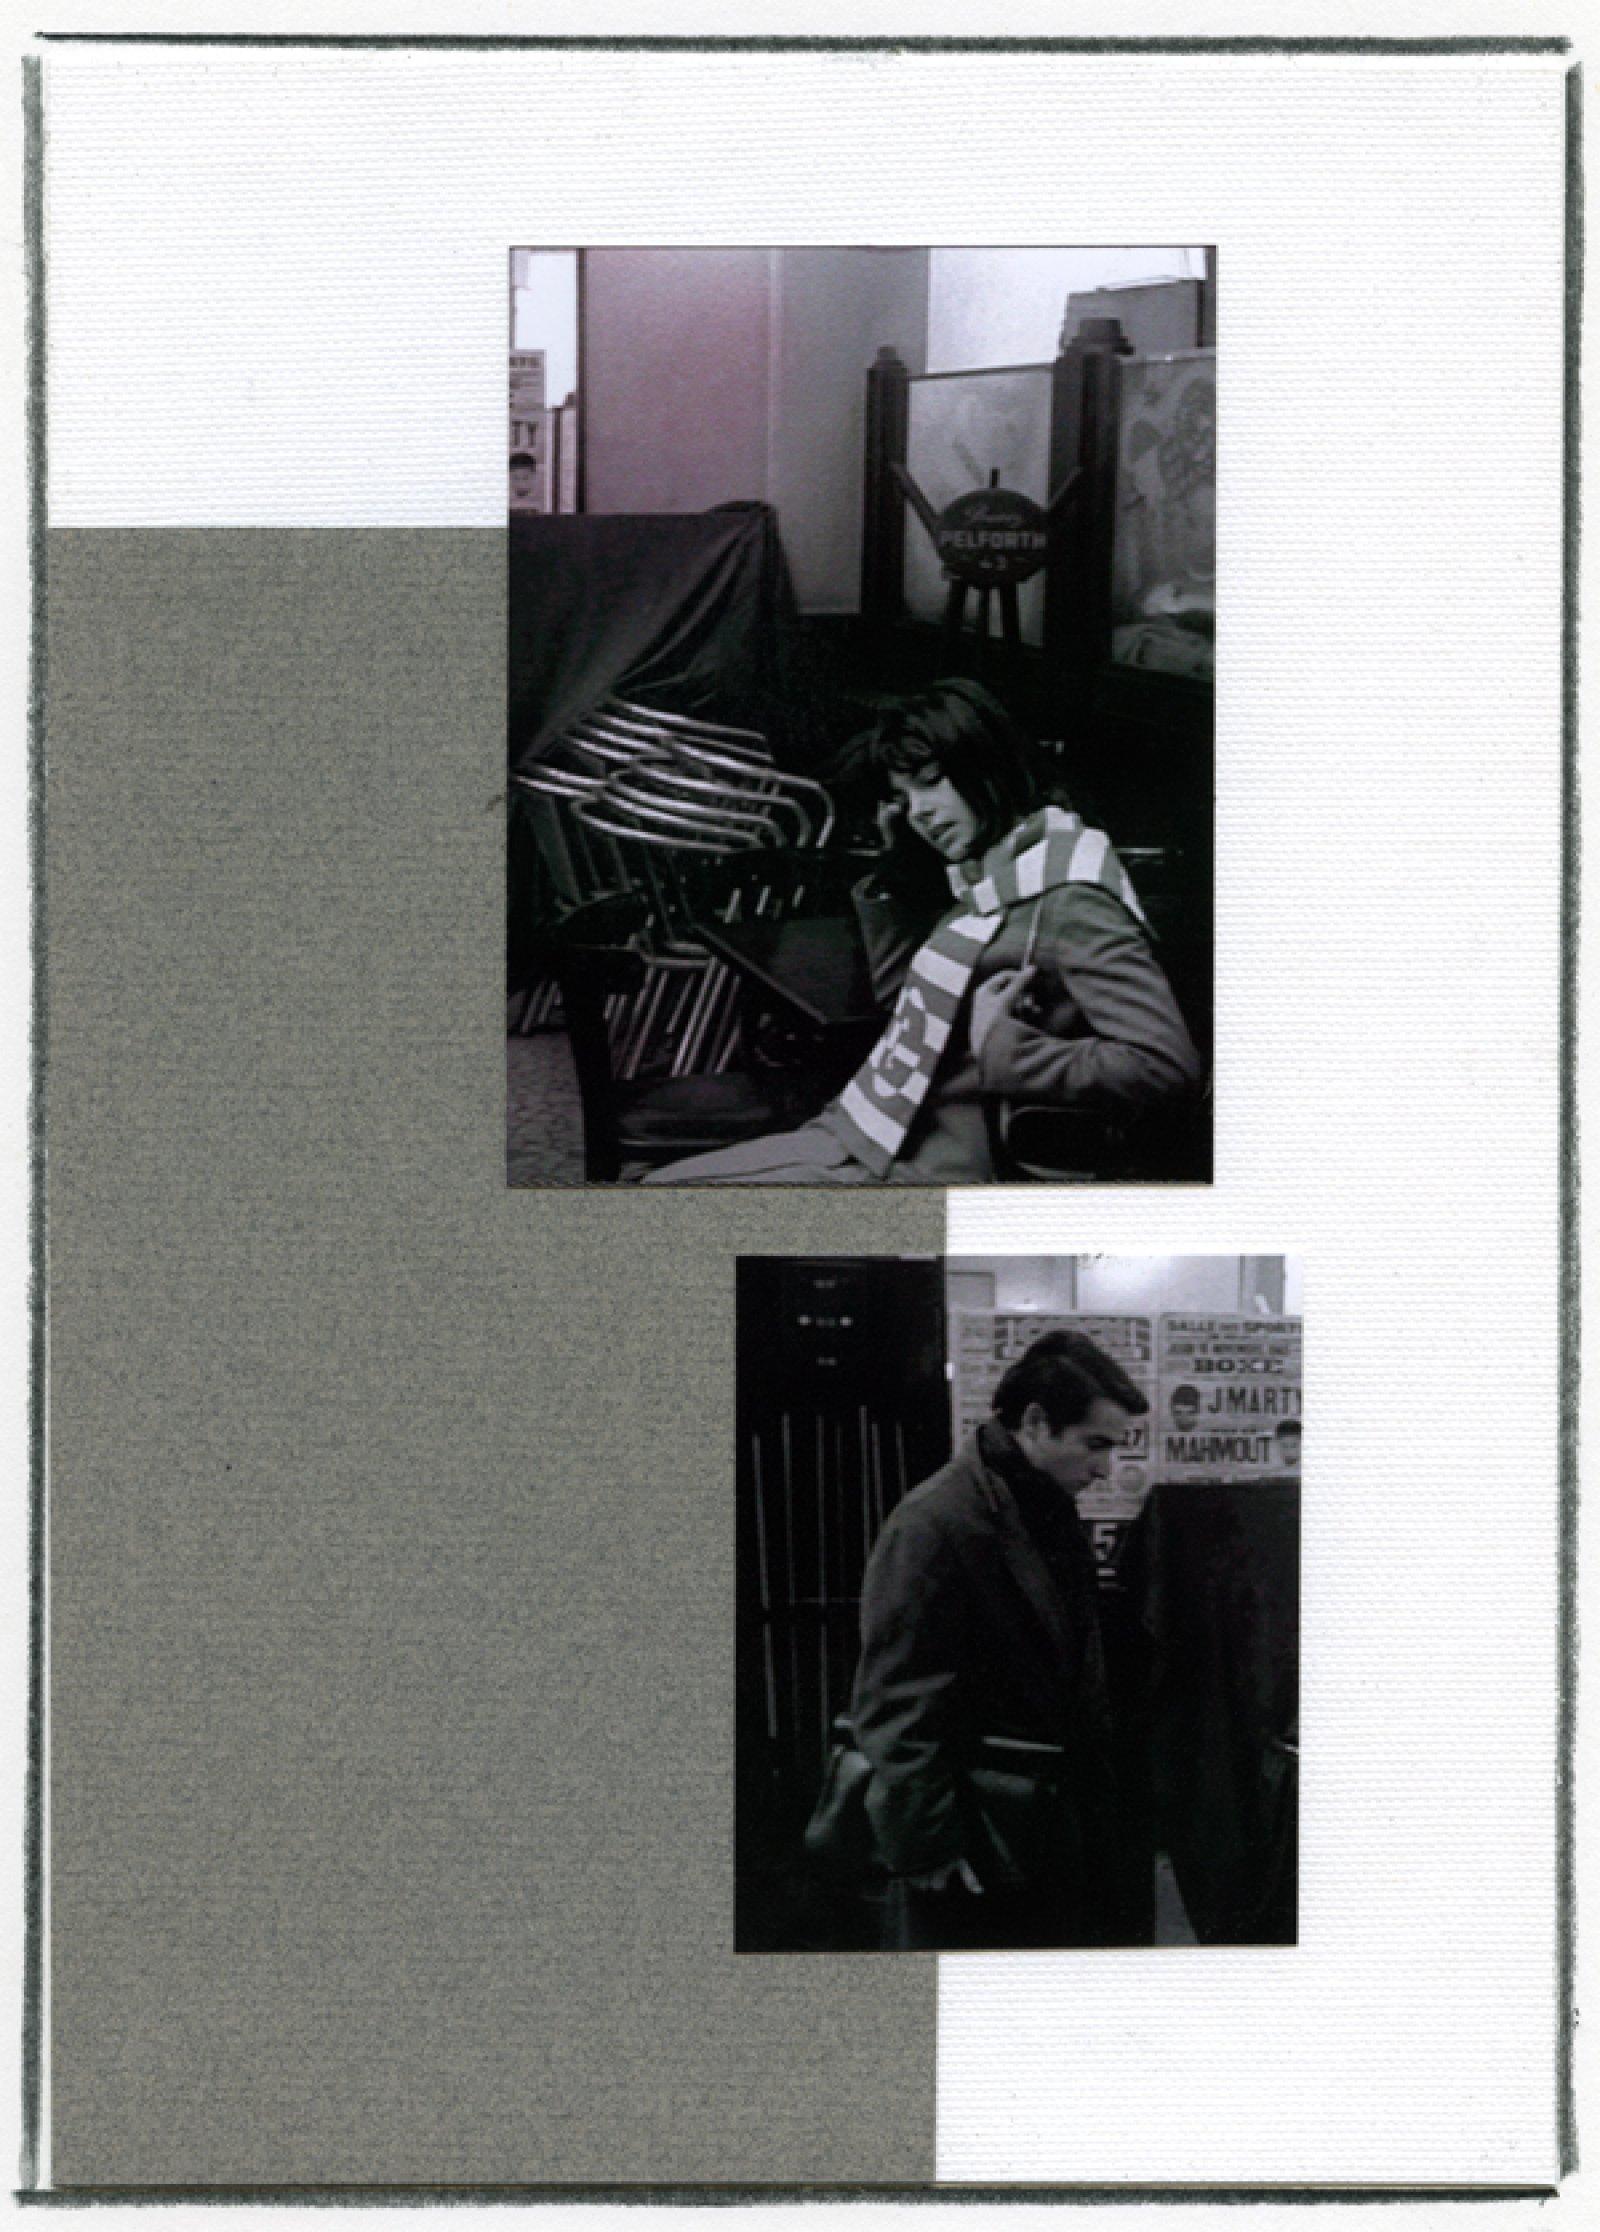 Ian Wallace, Enlarged Inkjet Study for Masculin/Féminin V, 2010, inkjet print, 47 x 35 in. (119 x 89 cm)   by Ian Wallace